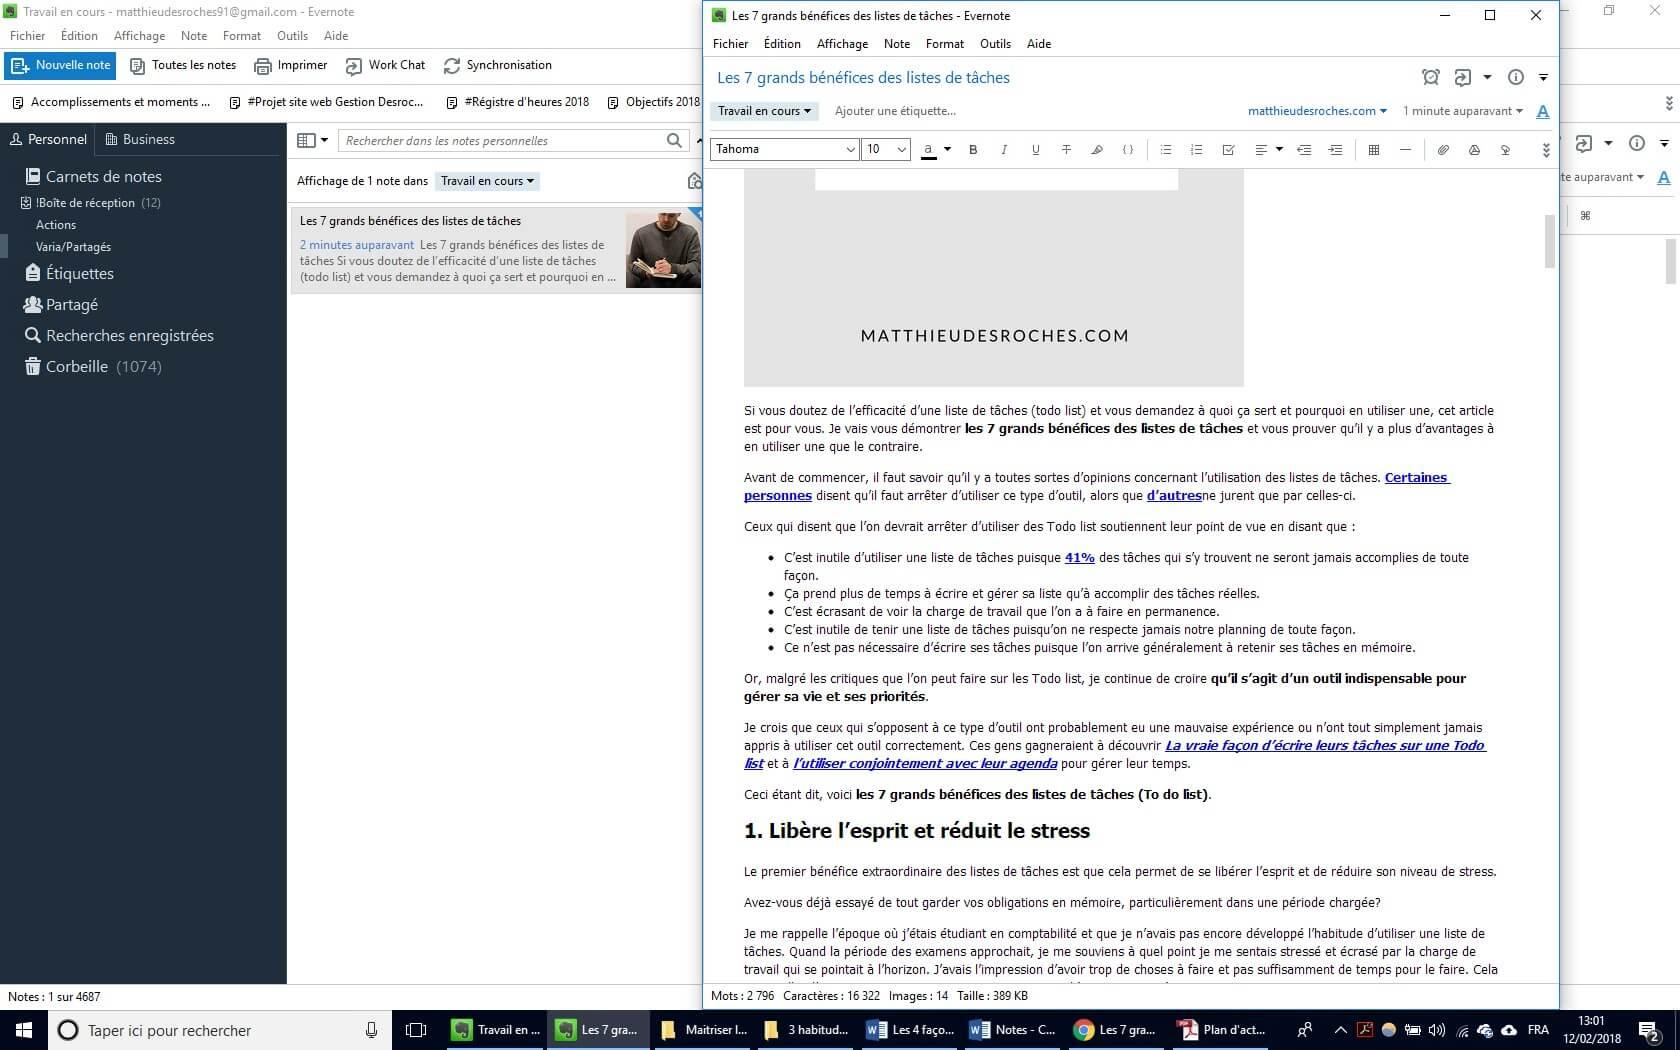 Article enregistré dans Evernote